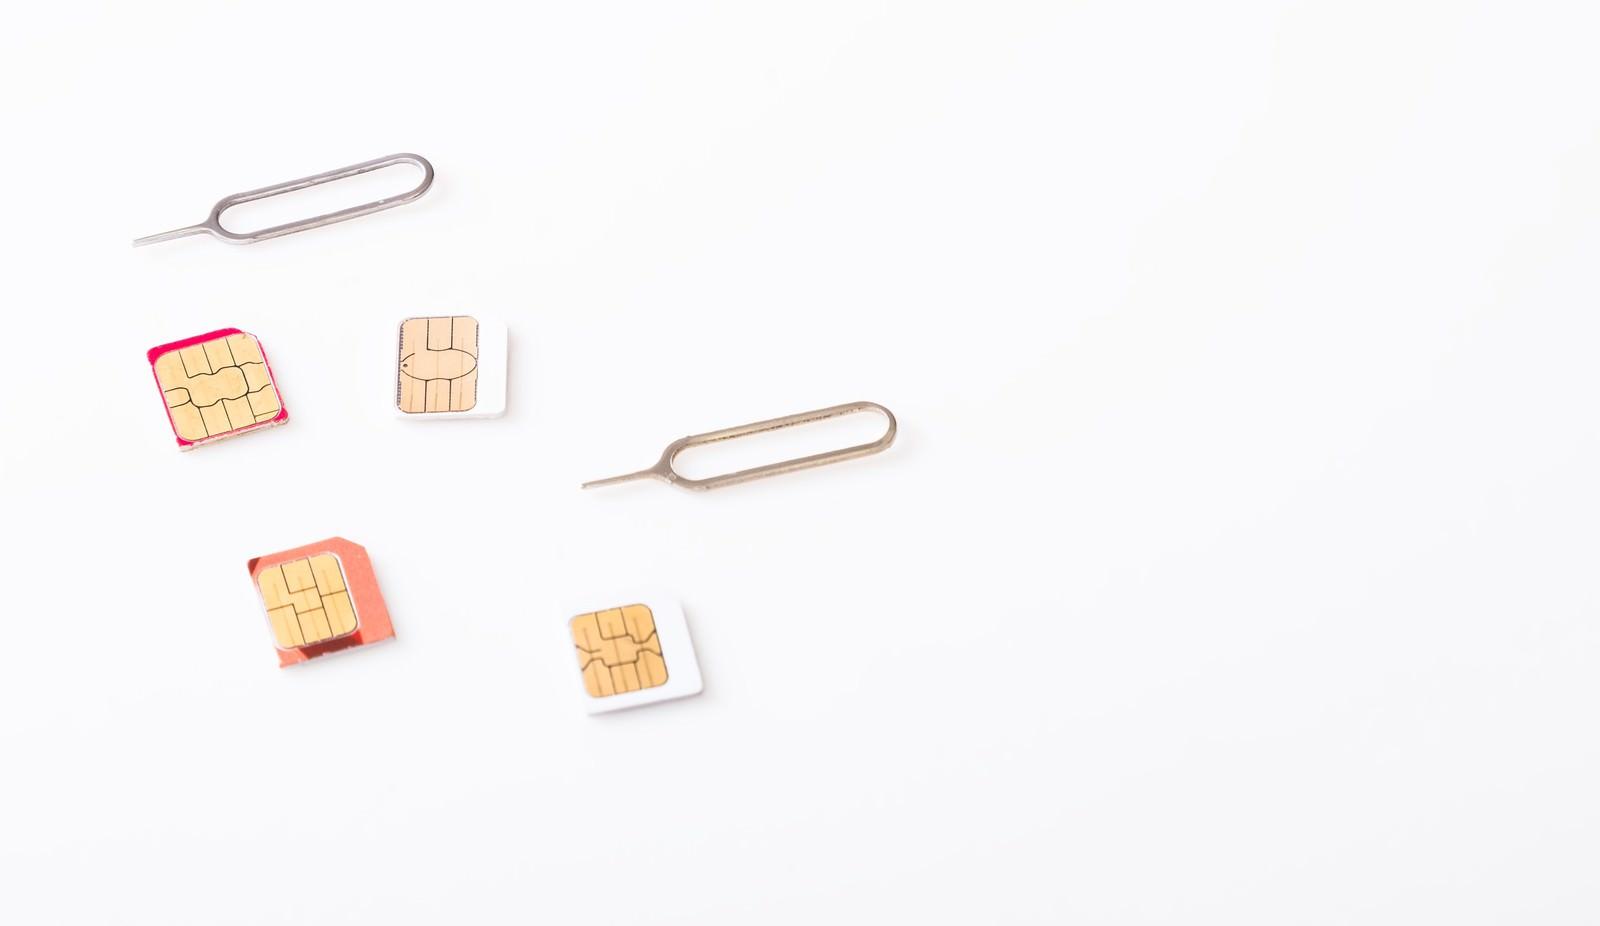 PAK85 cutsaretasim20141025171502 TP V SIM card